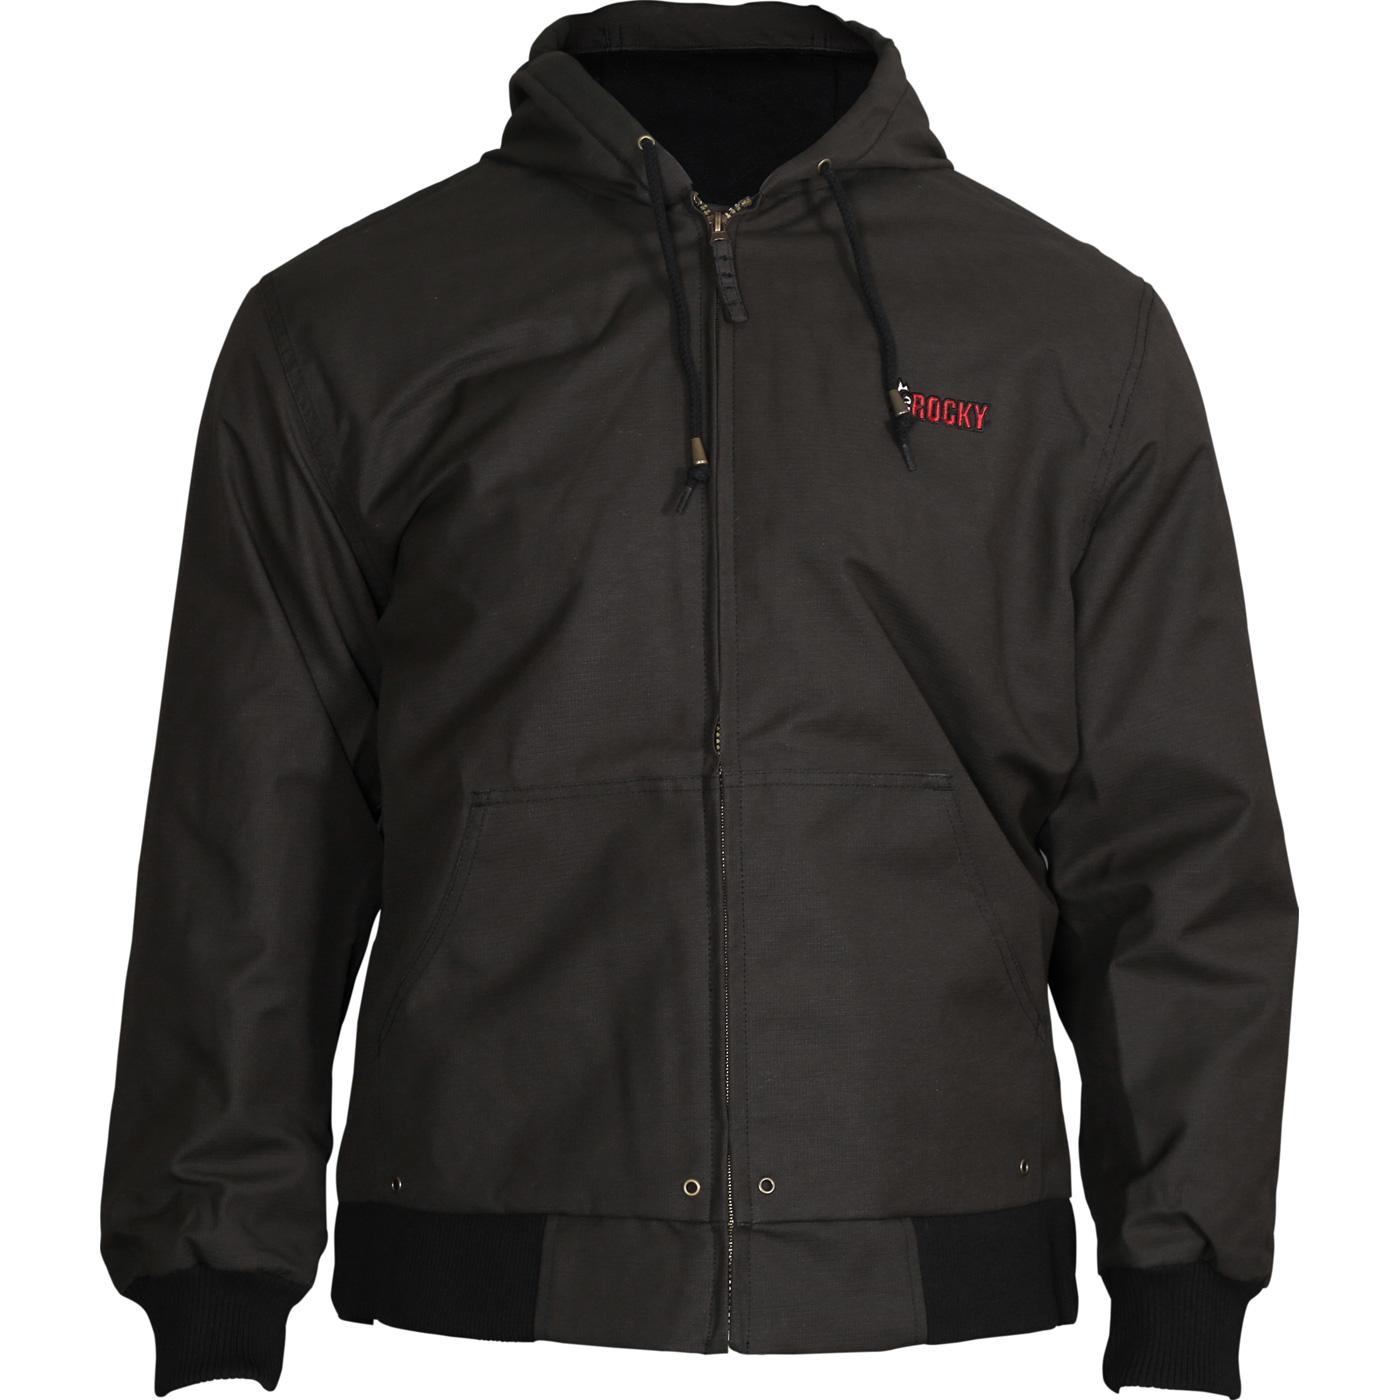 Rocky Men's Waterproof Insulated Hooded Jacket